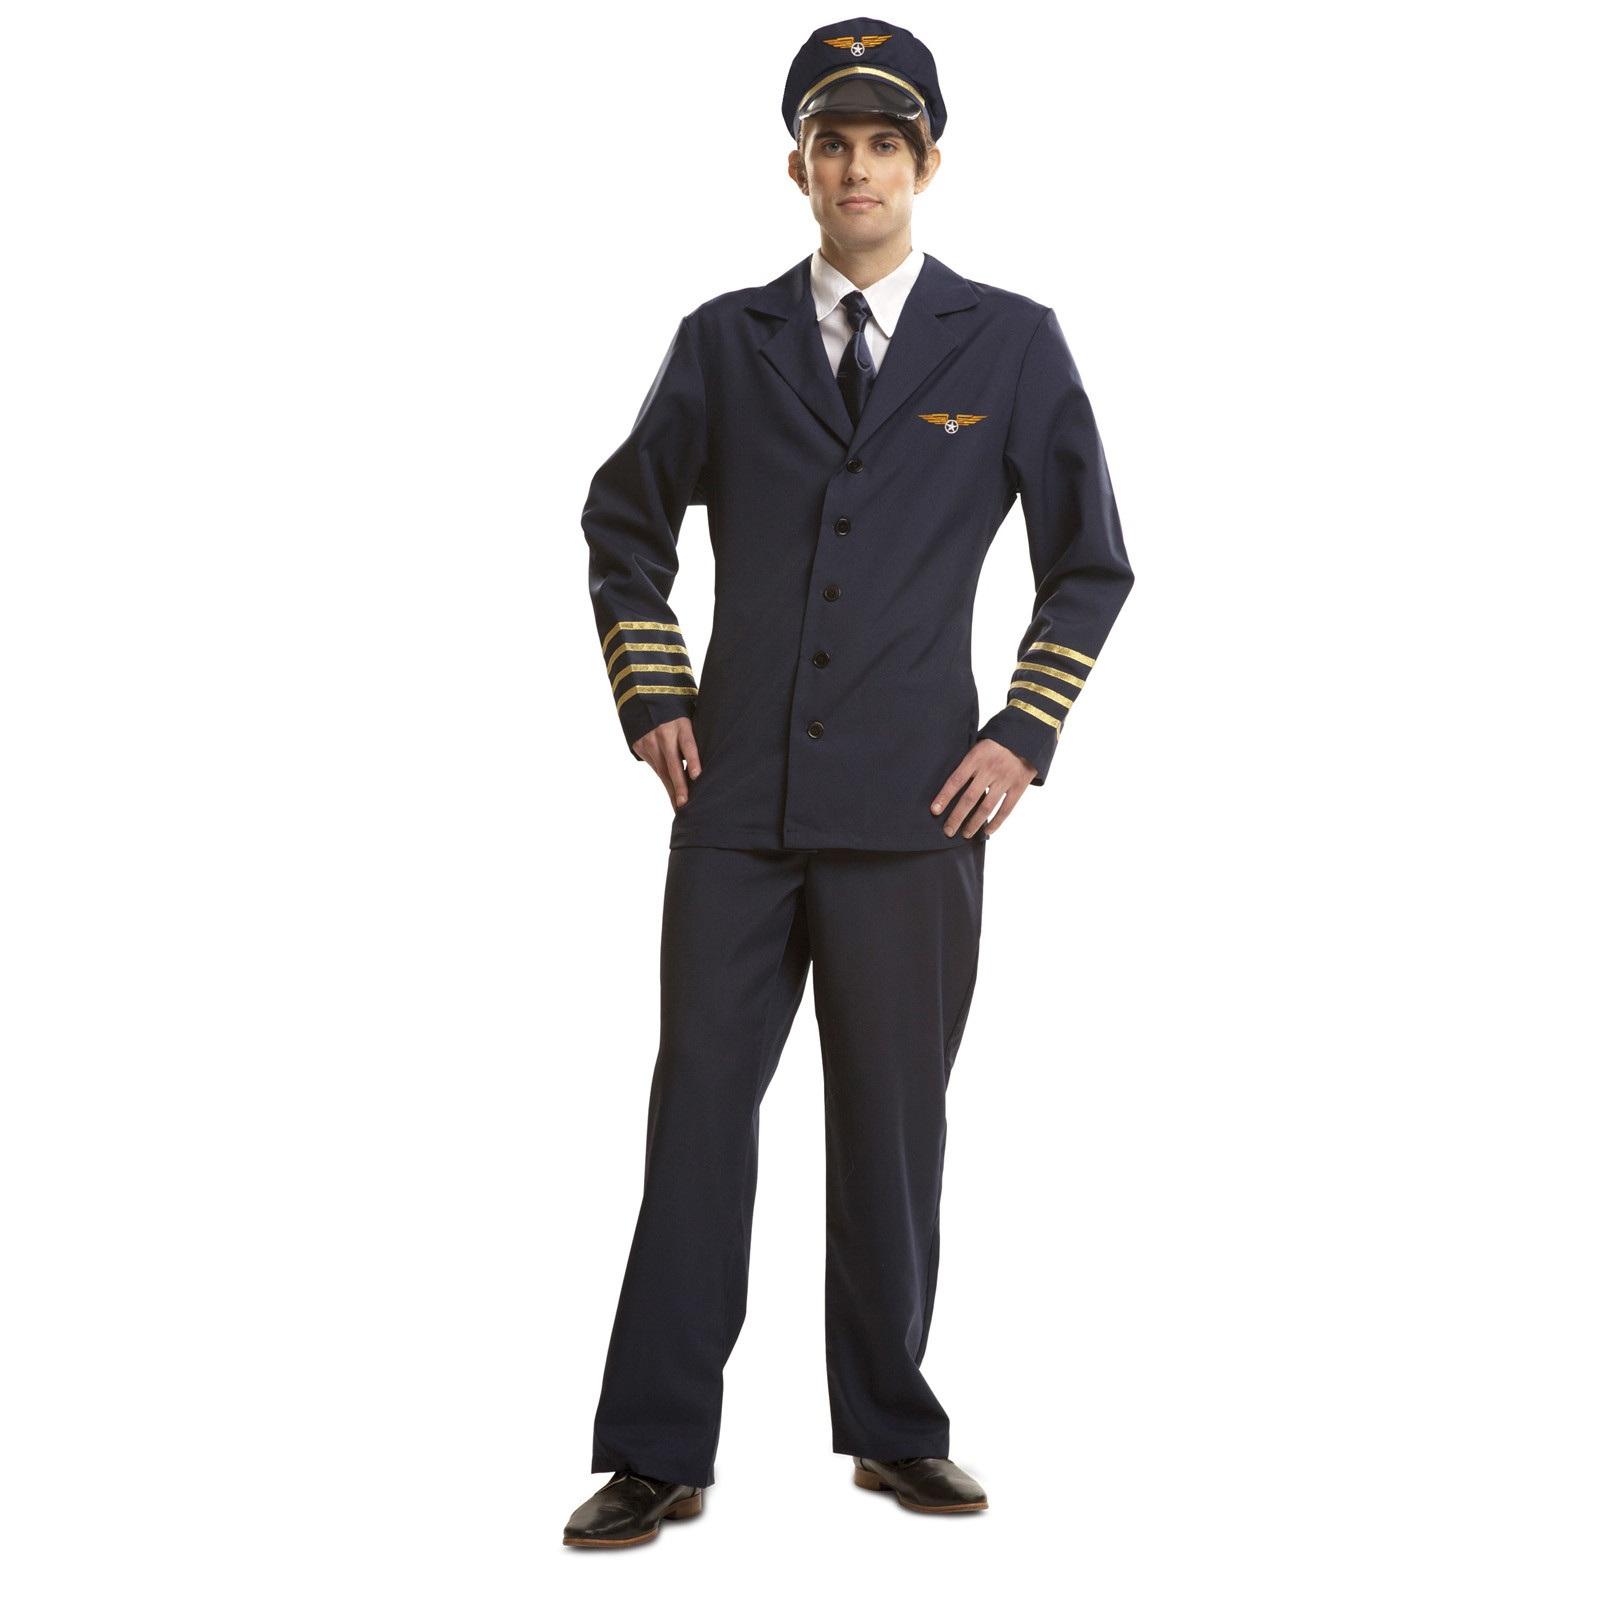 disfraz de piloto avión hombre 200971mom - DISFRAZ DE PILOTO AVION HOMBRE